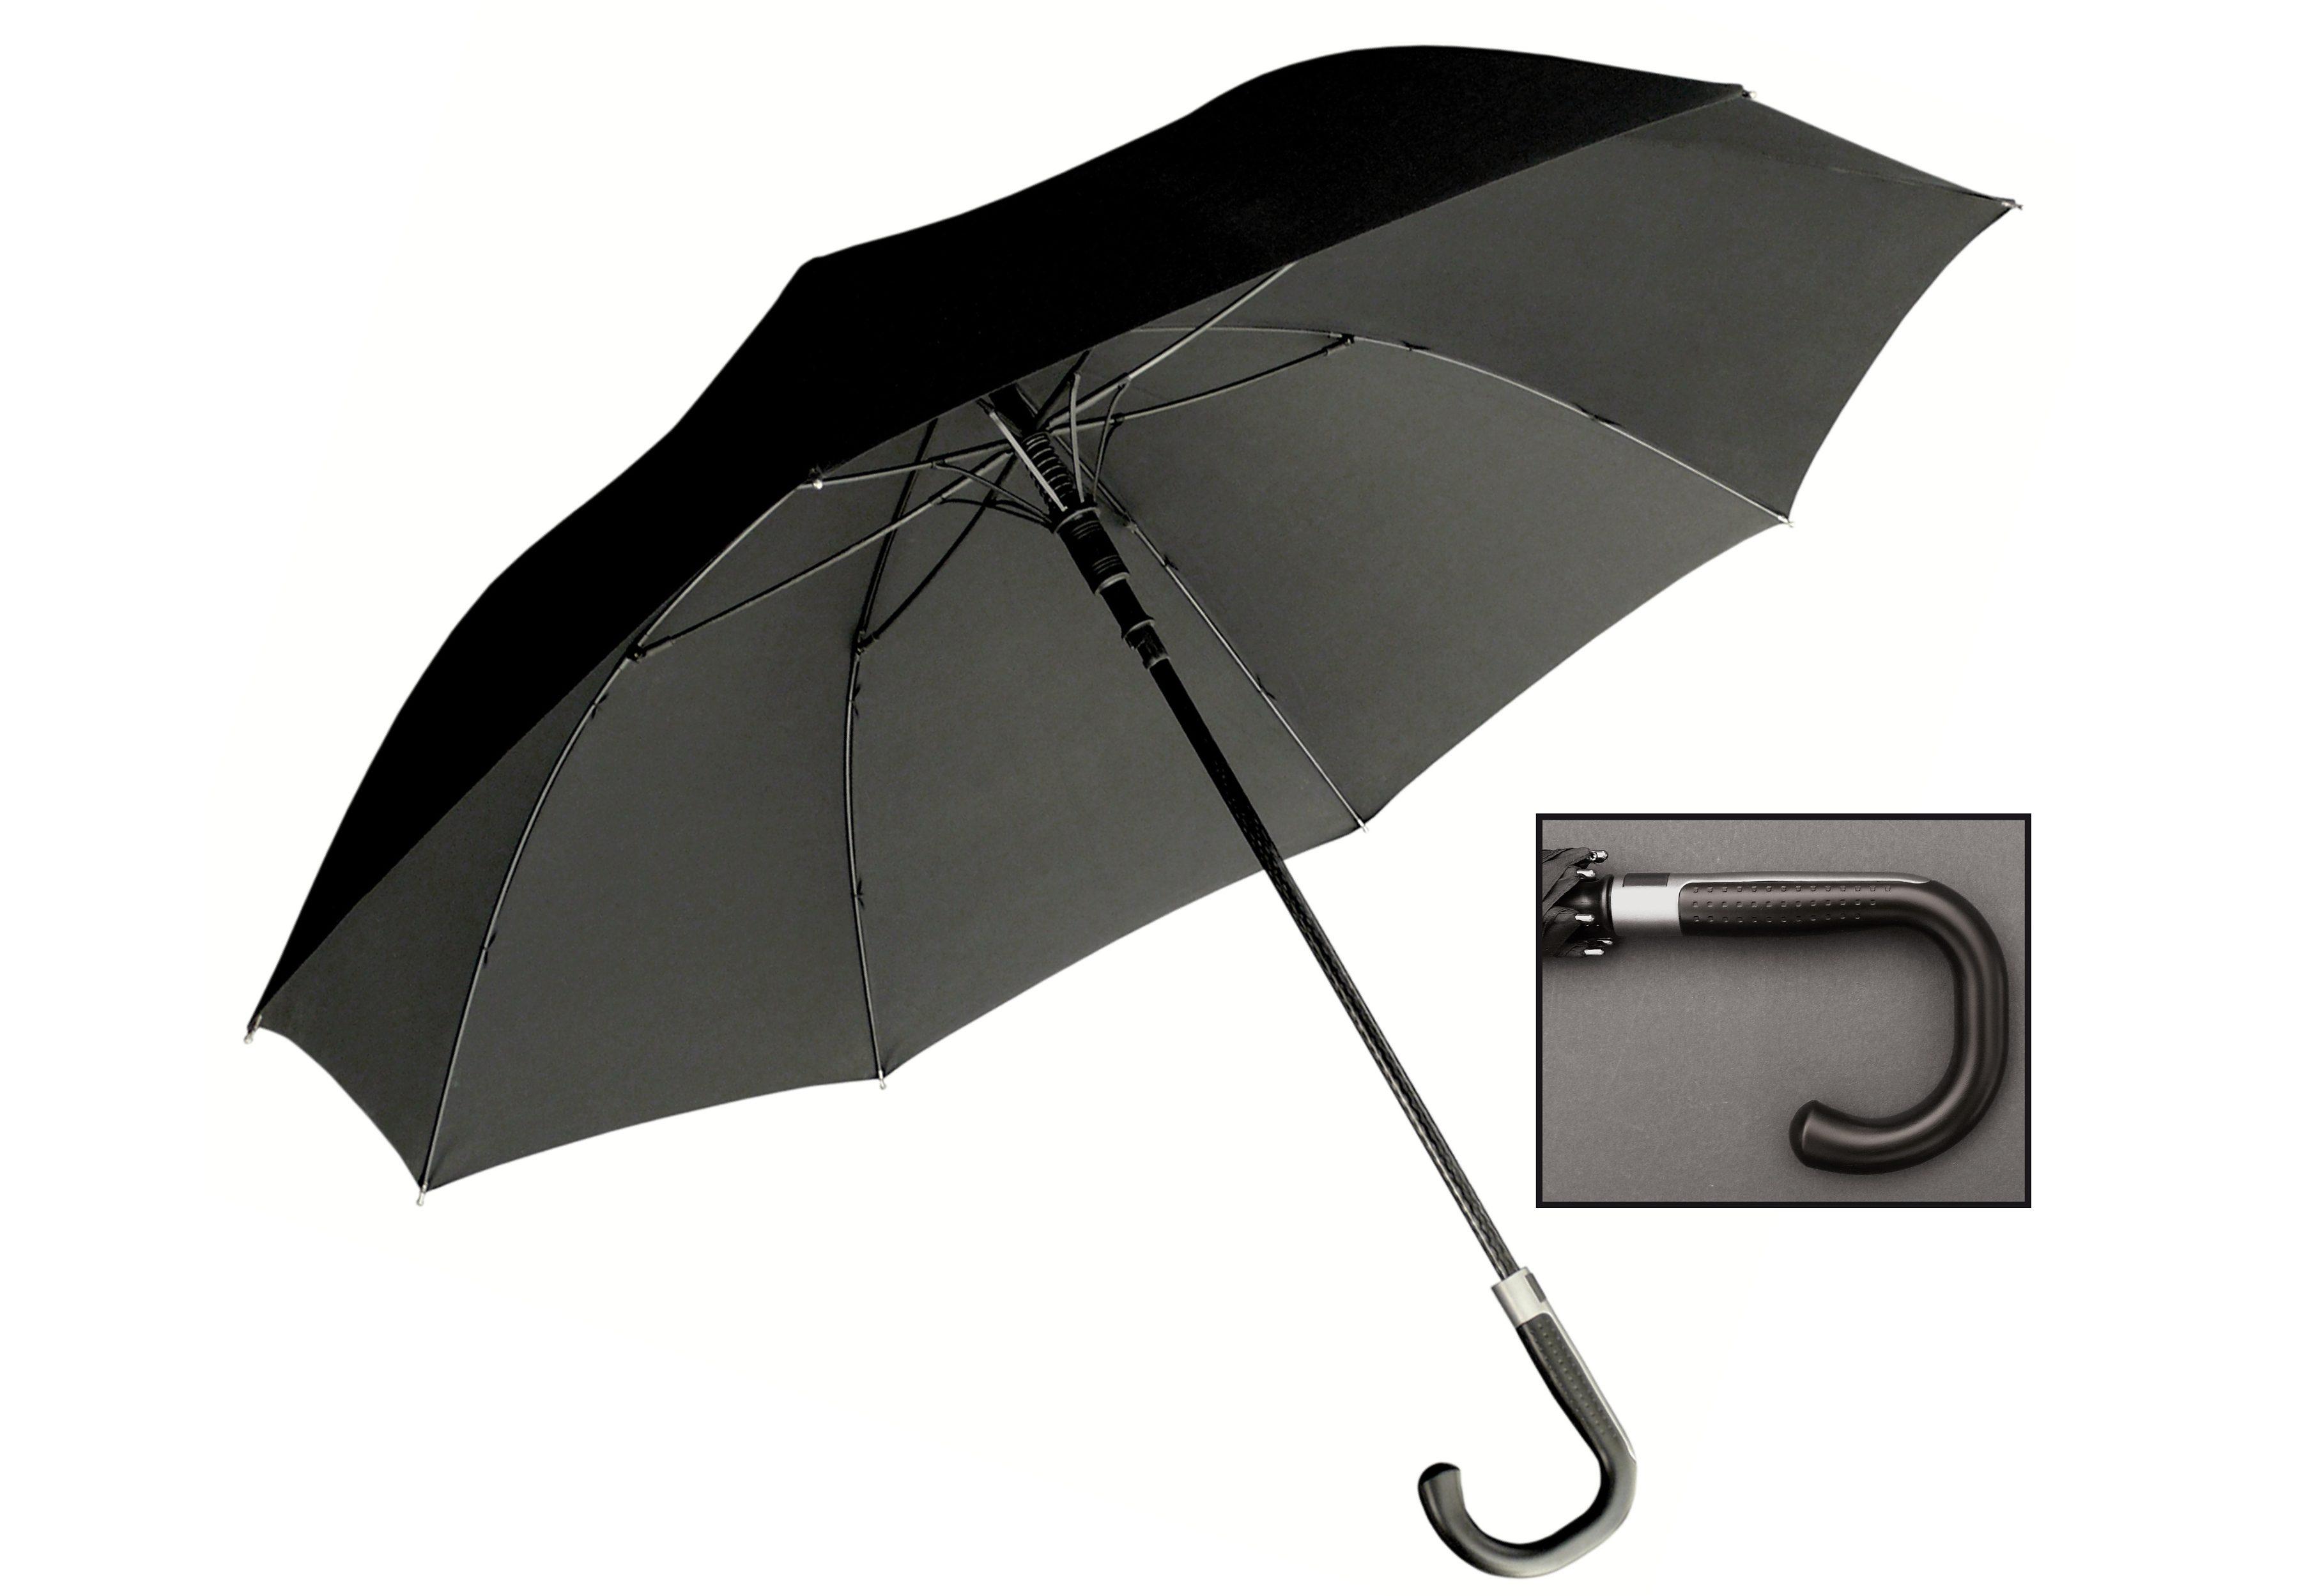 Euroschirm, Stockregenschirm Partnerschirm | Accessoires > Regenschirme | EUROSCHIRM®